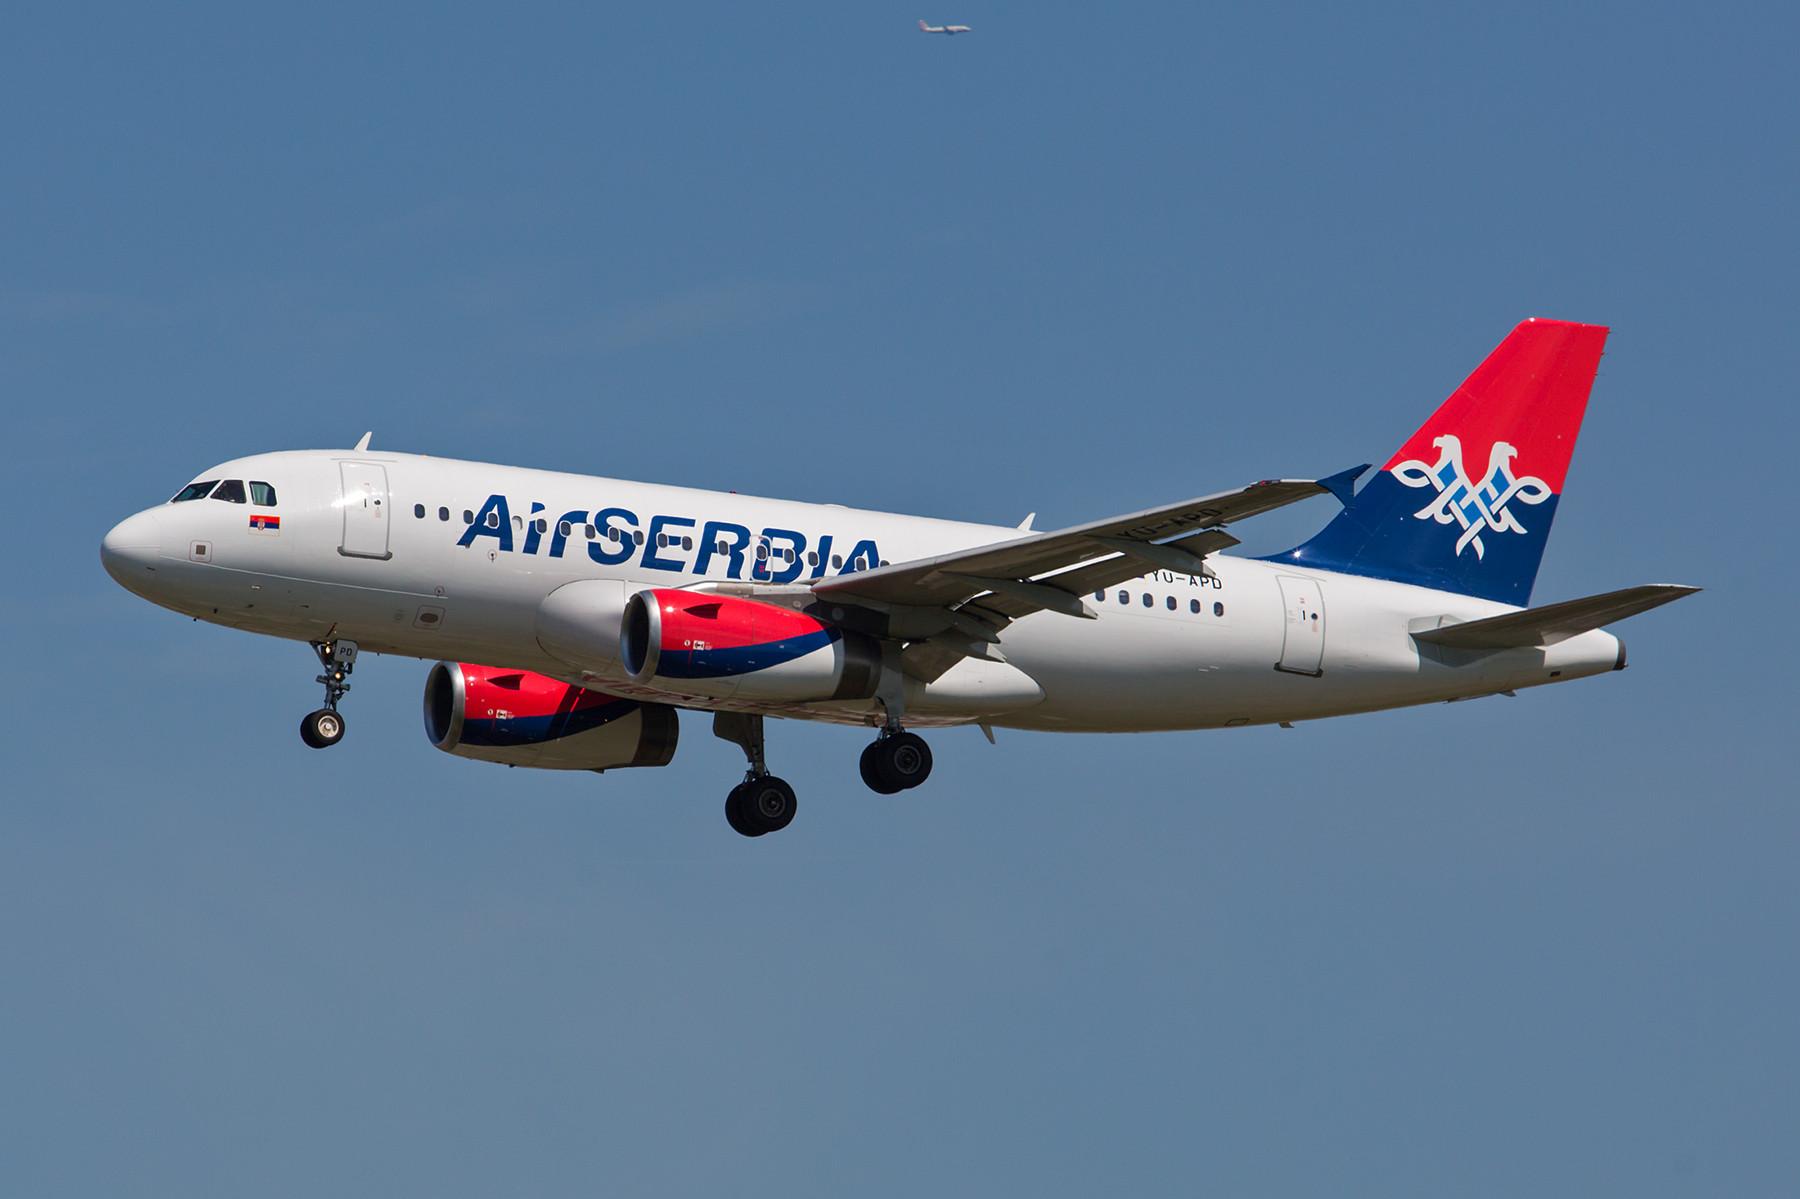 Die Air Serbia entstand aus der JAT und gehört praktisch der Ethiad Airways.